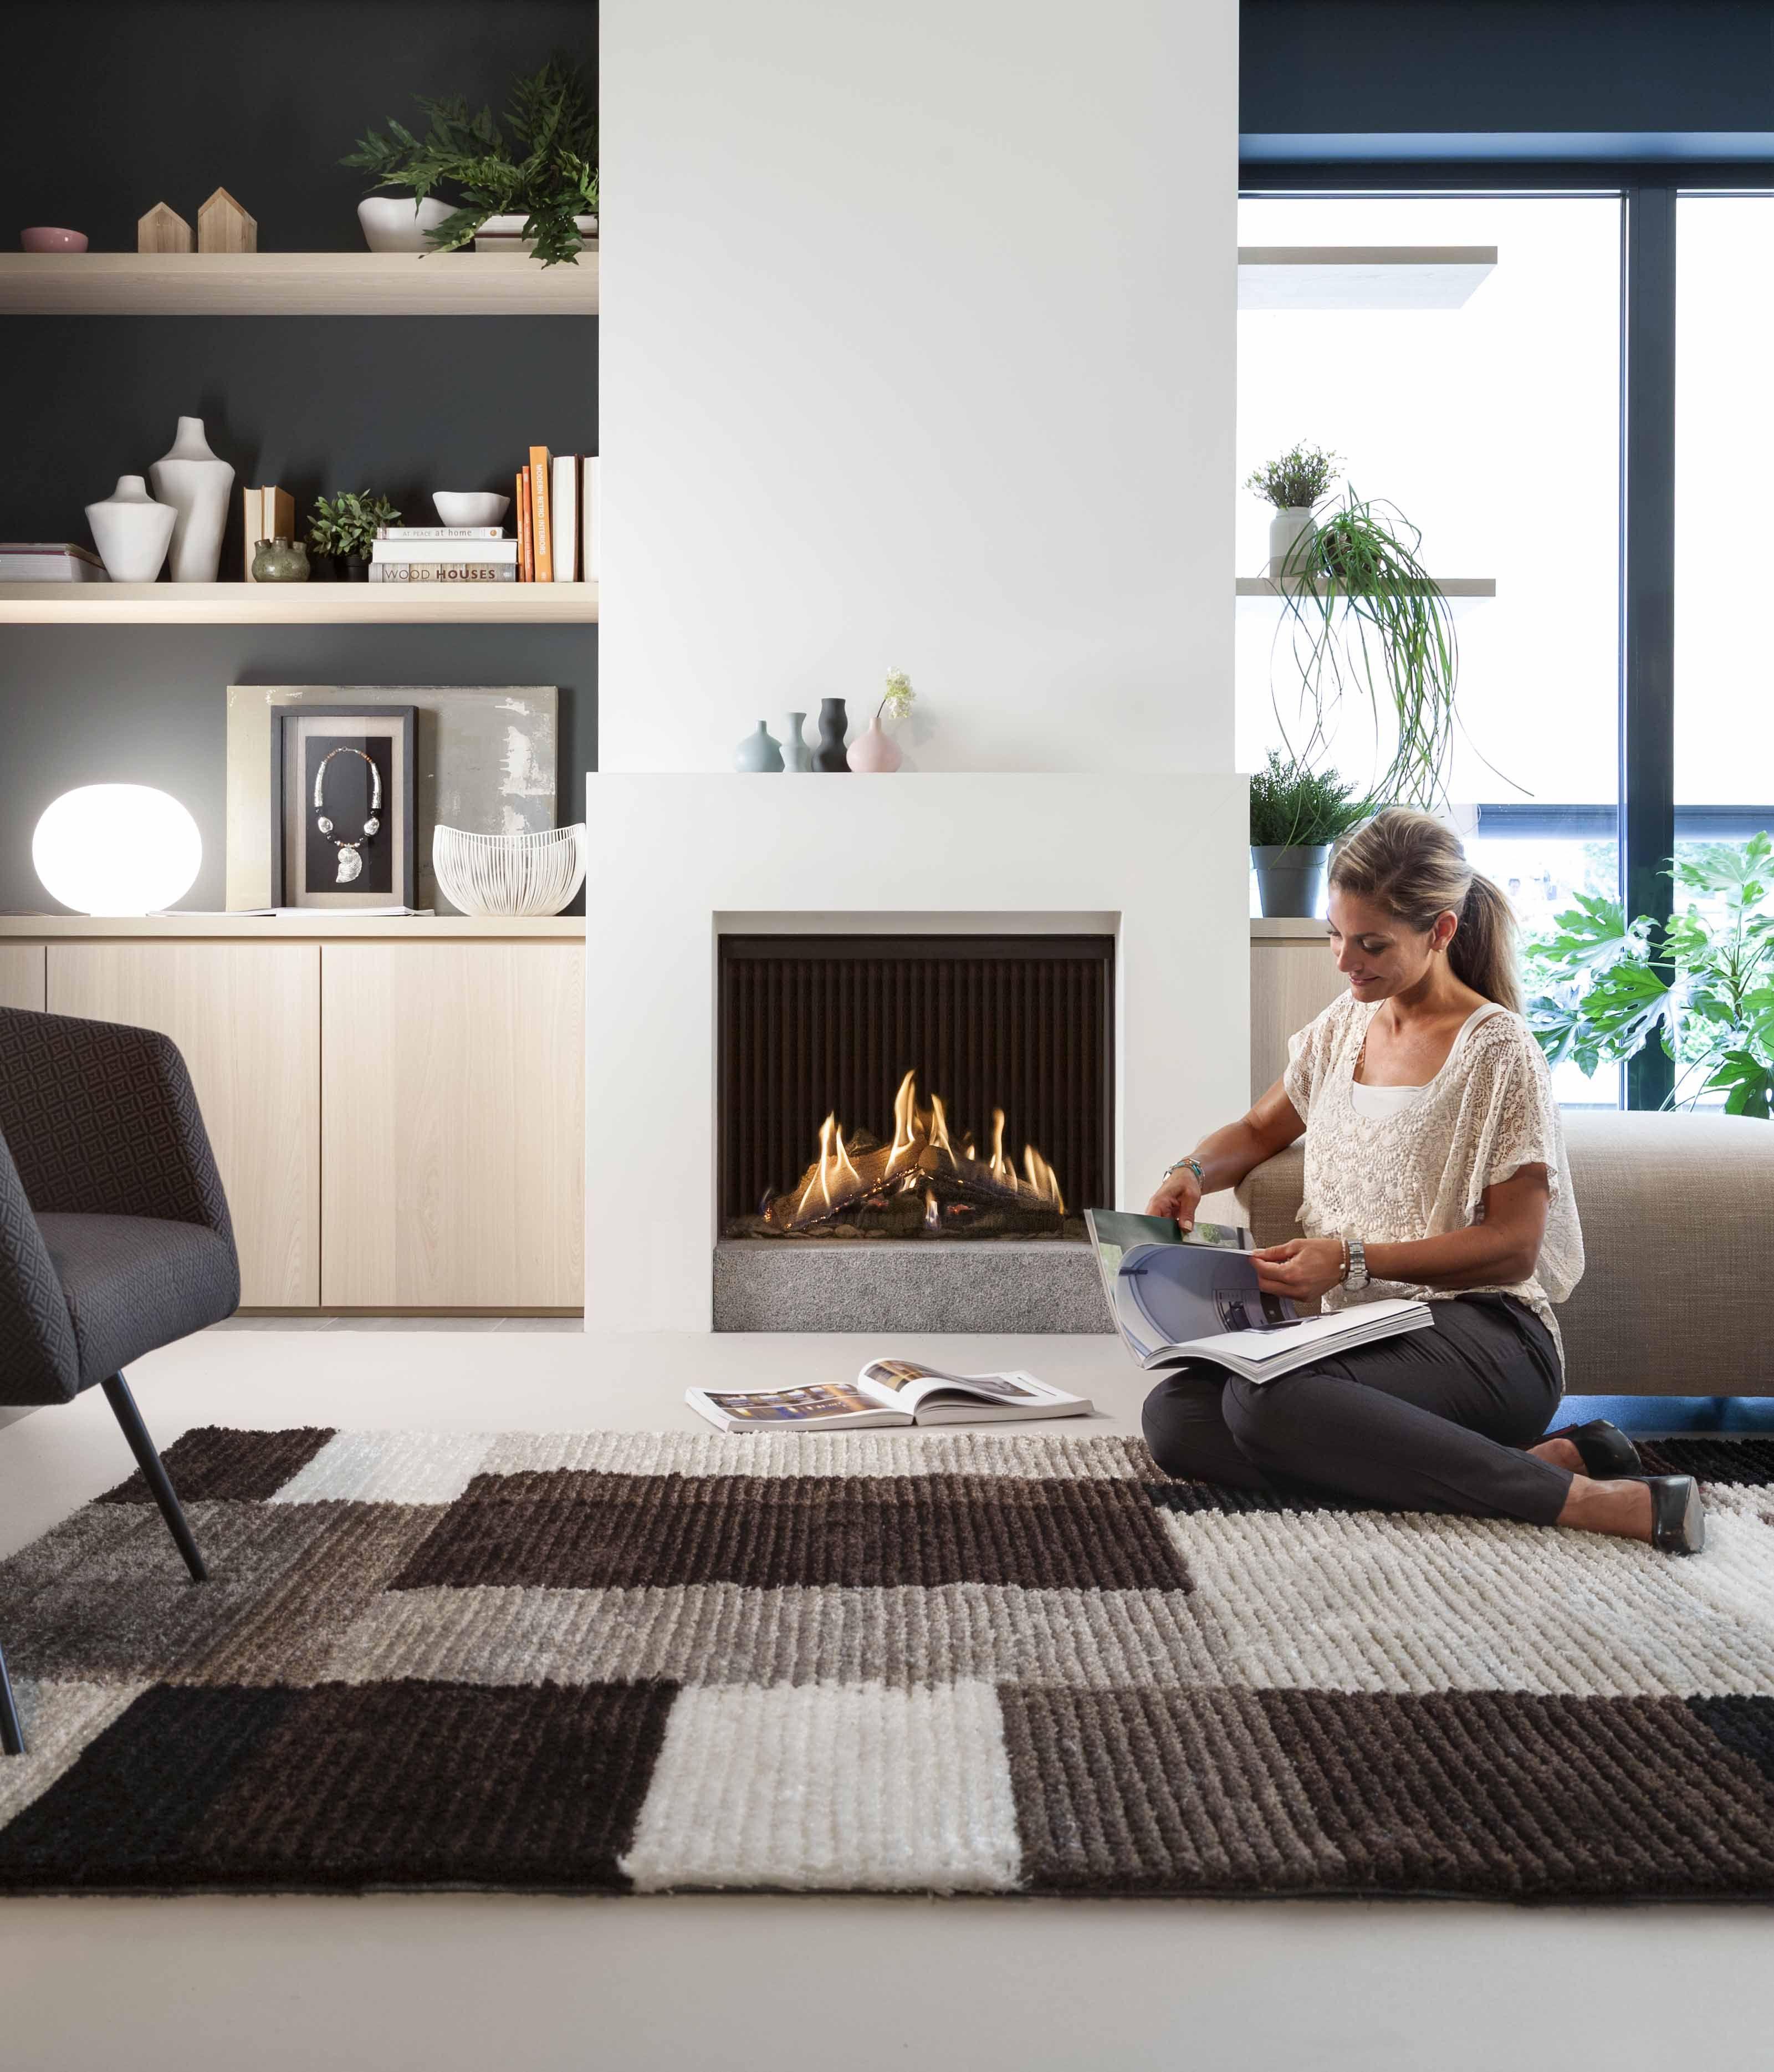 Modernes Design Raum Kaminofen Wohnzimmer Ideen Sitzen Wohnungen Lounges Gas Fires Tim O brien